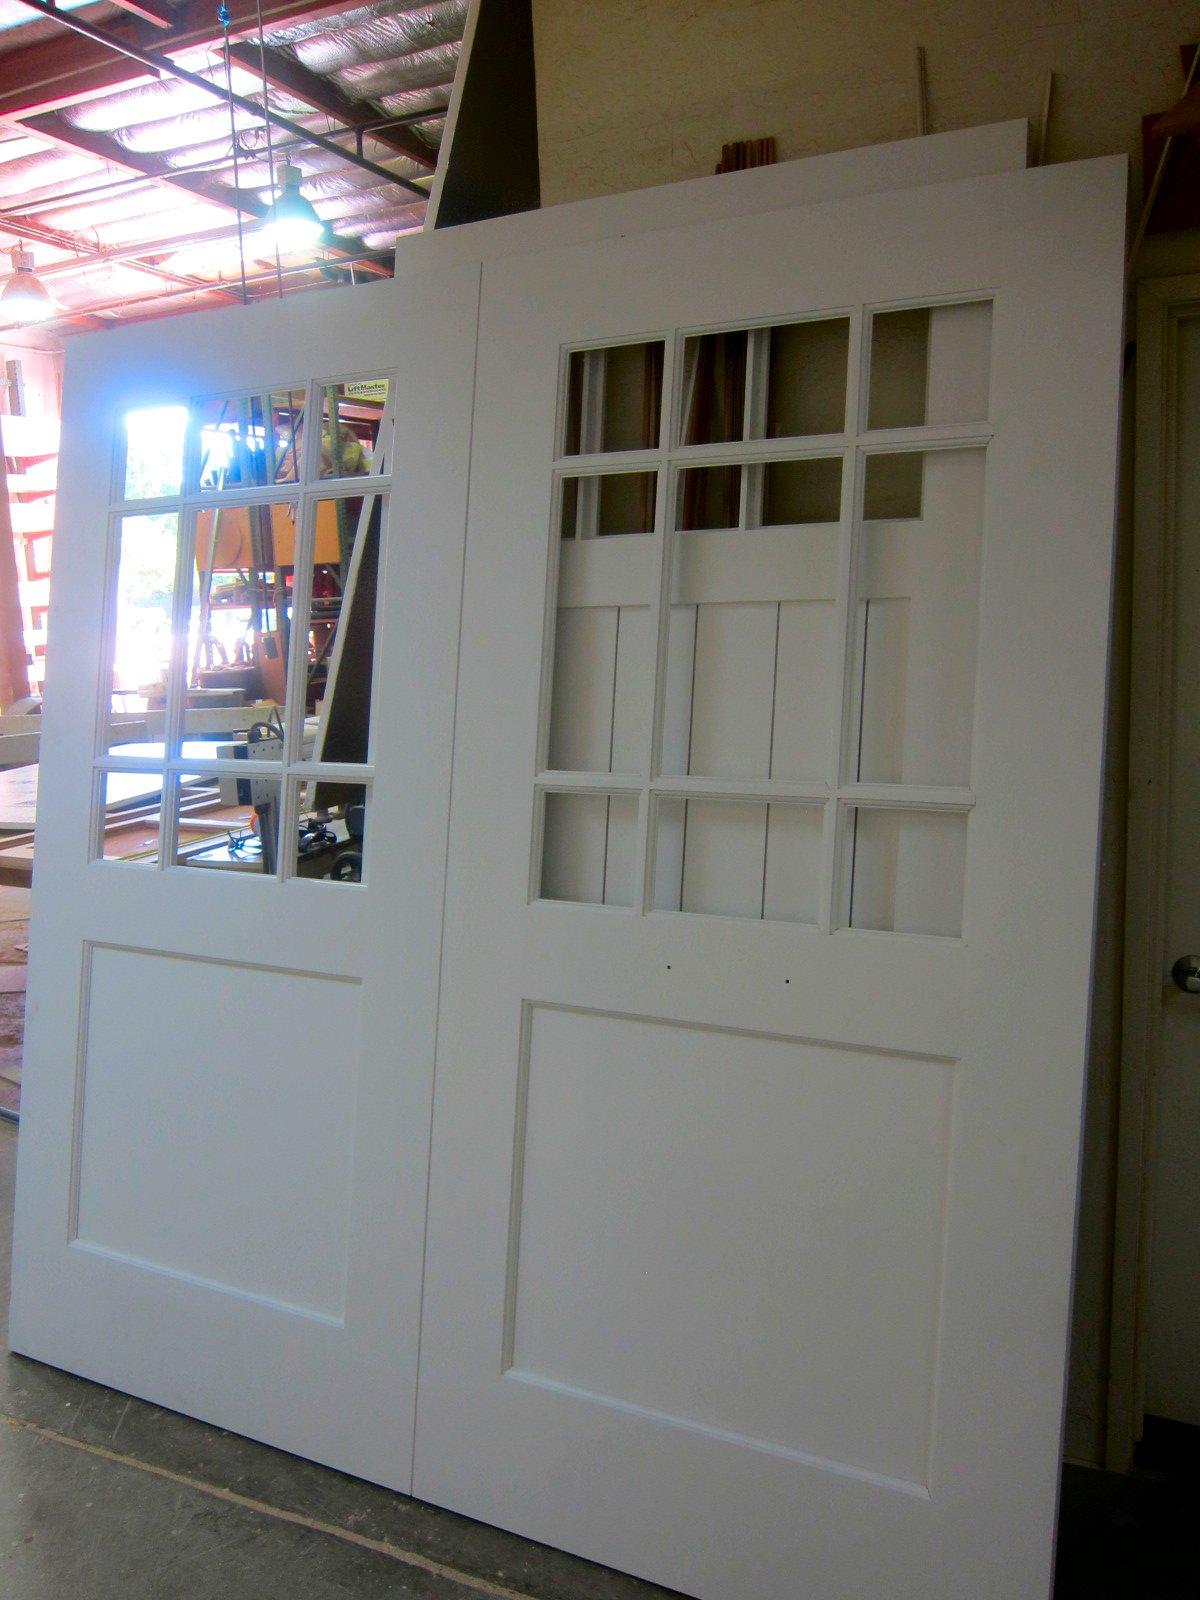 Chronica Domus: Beyond The Plain White Door